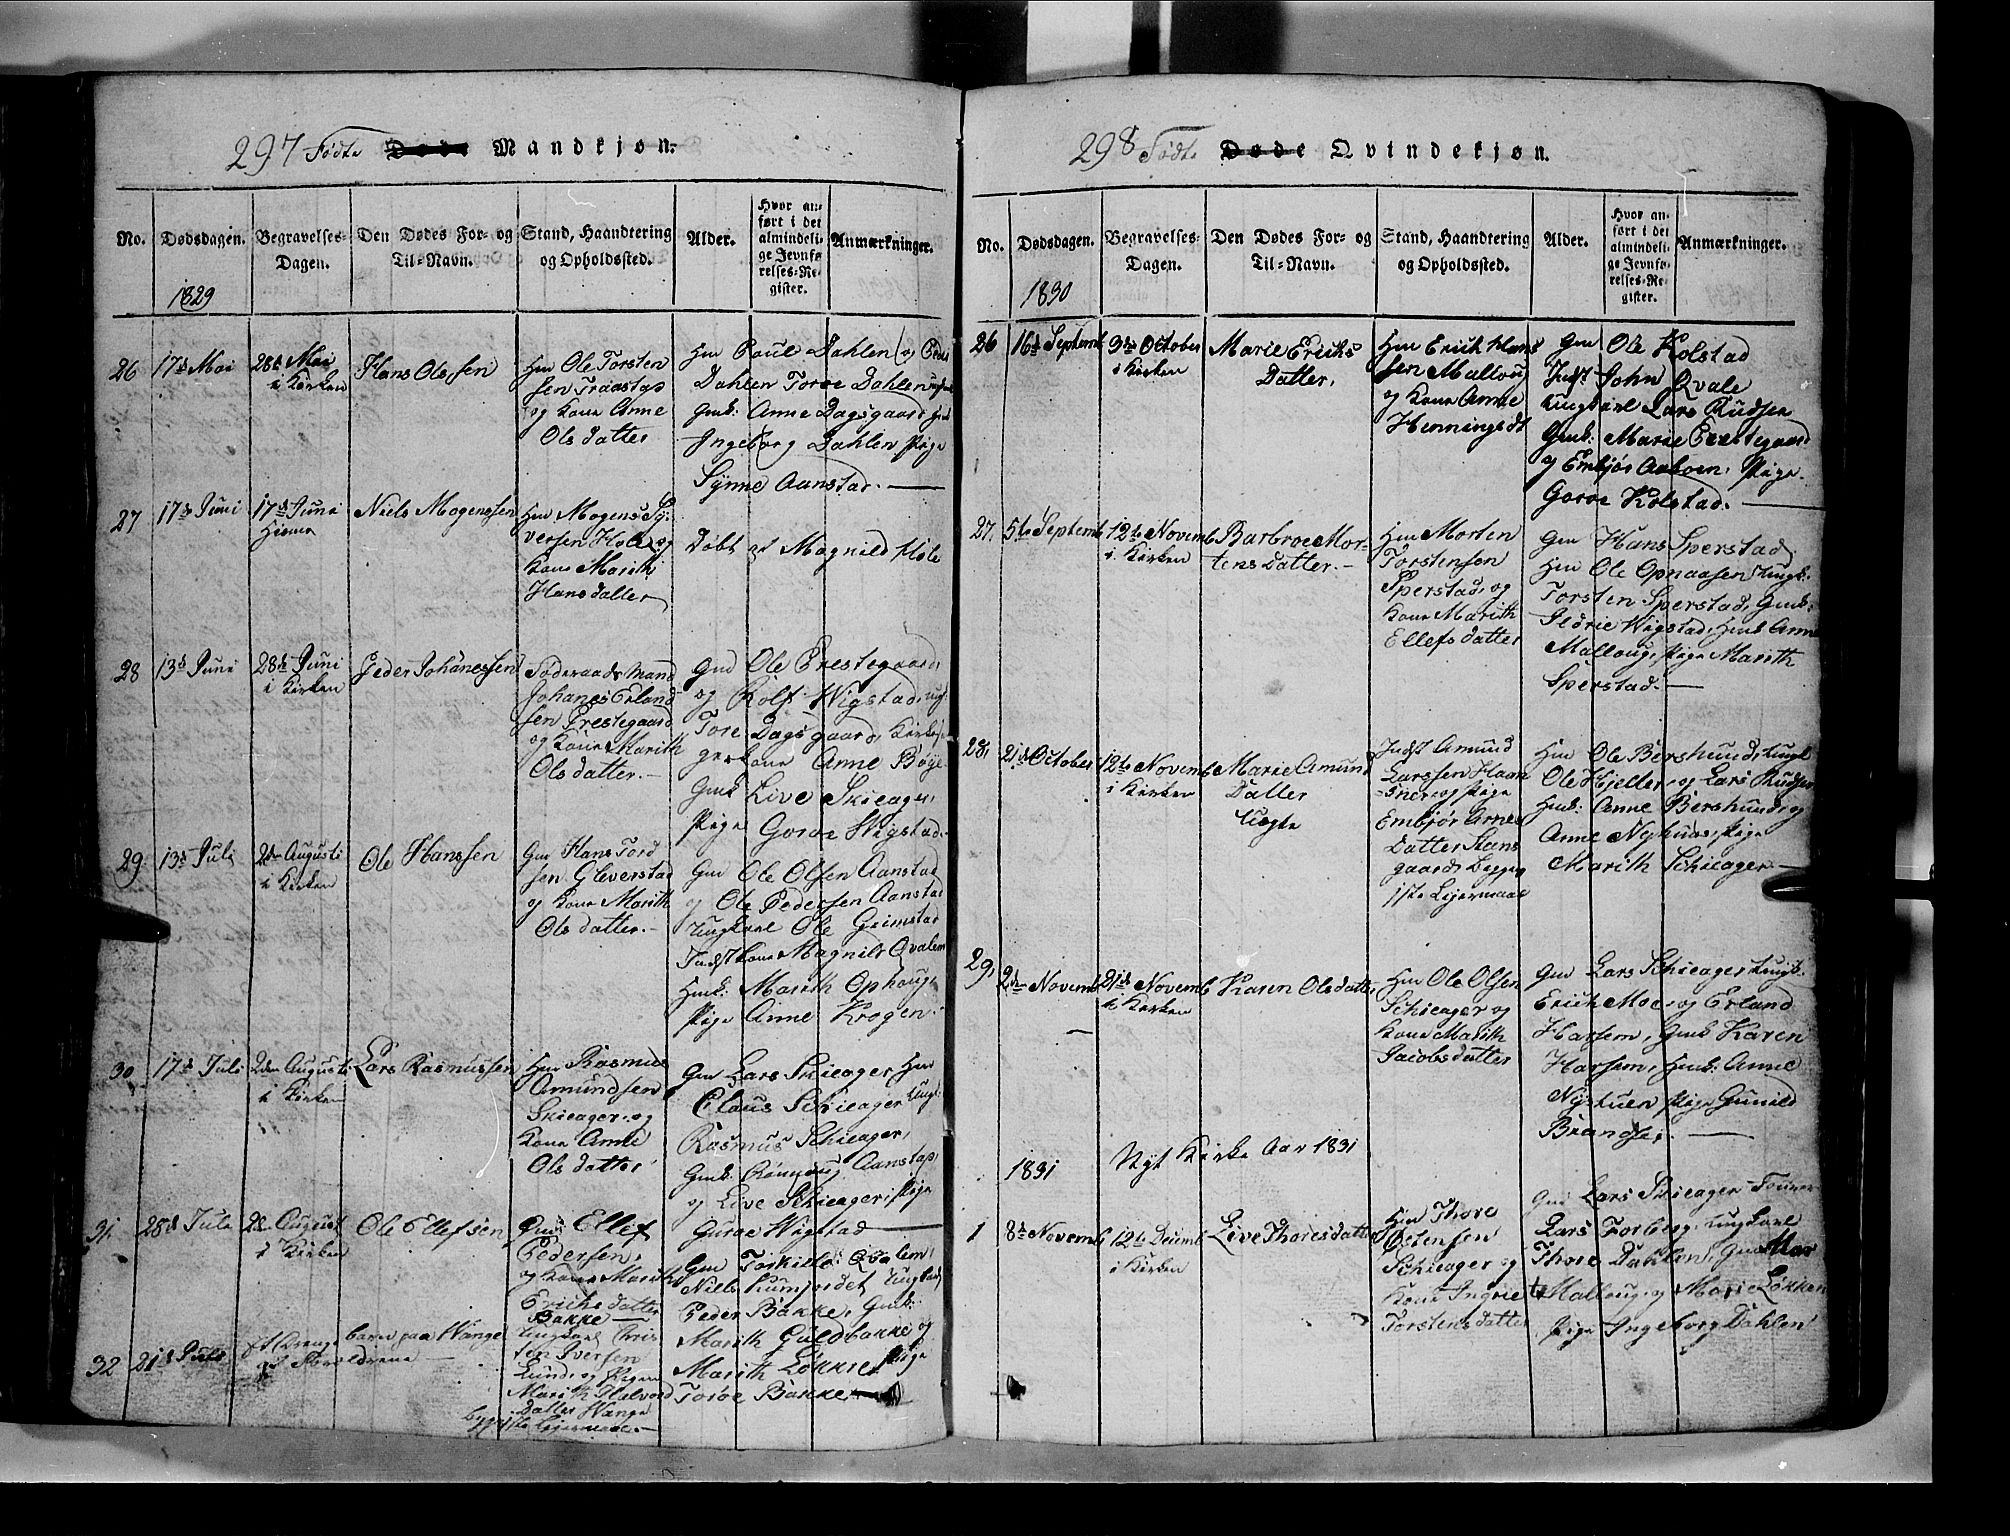 SAH, Lom prestekontor, L/L0003: Klokkerbok nr. 3, 1815-1844, s. 297-298